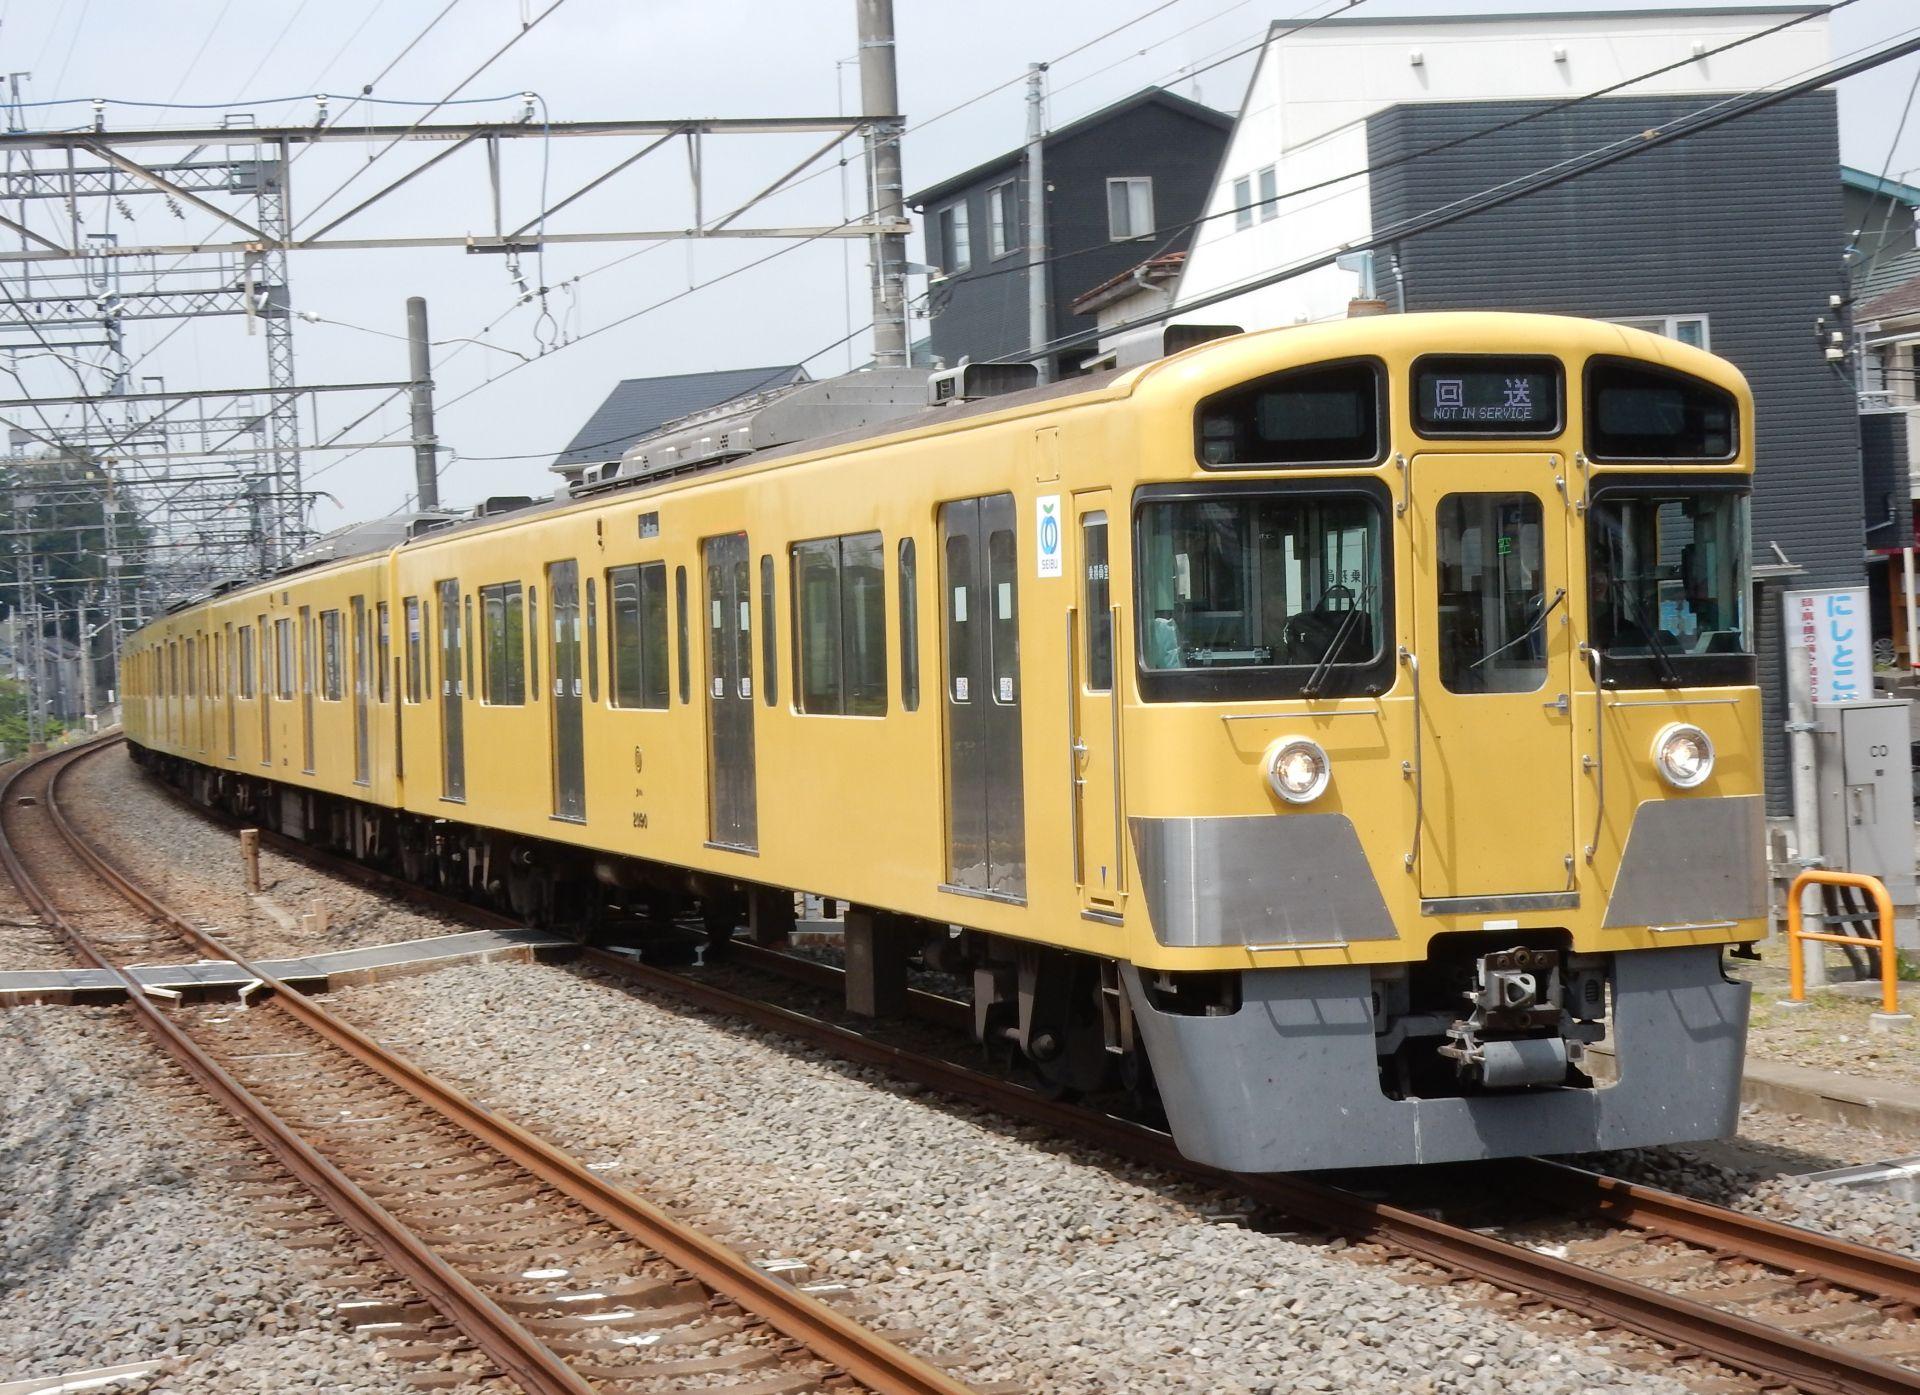 DSCN8064 - コピー